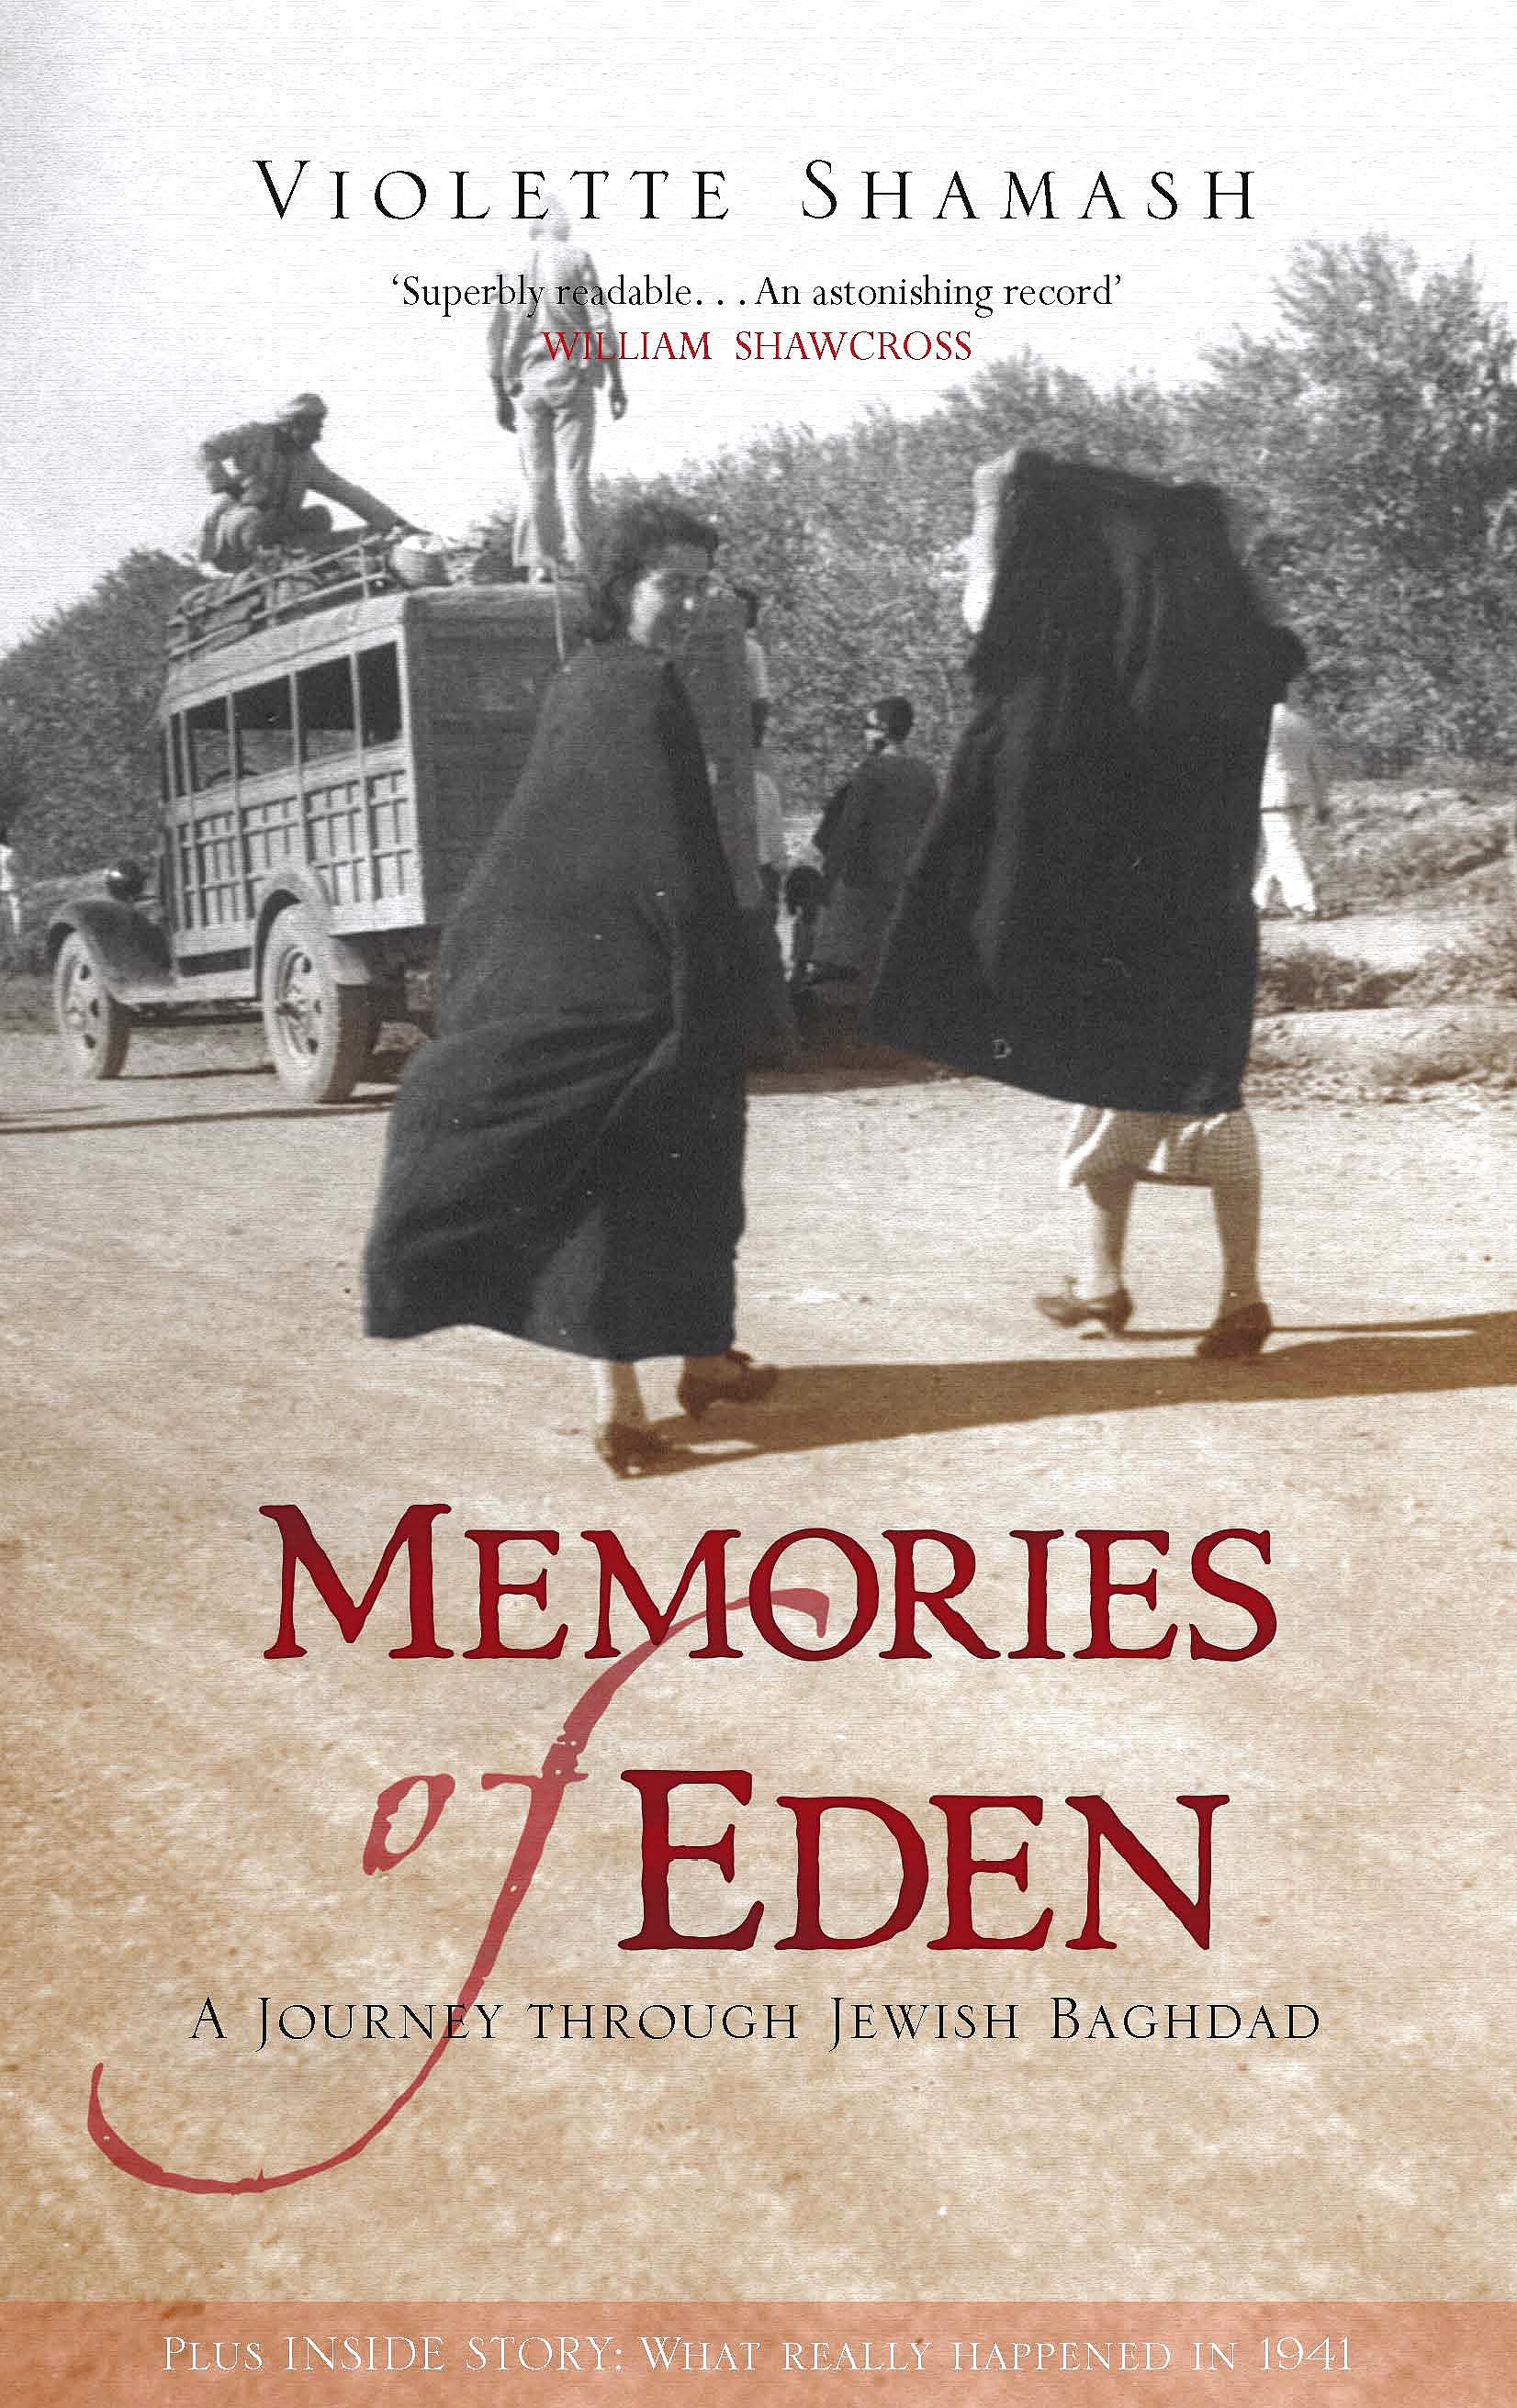 Eden - Memories